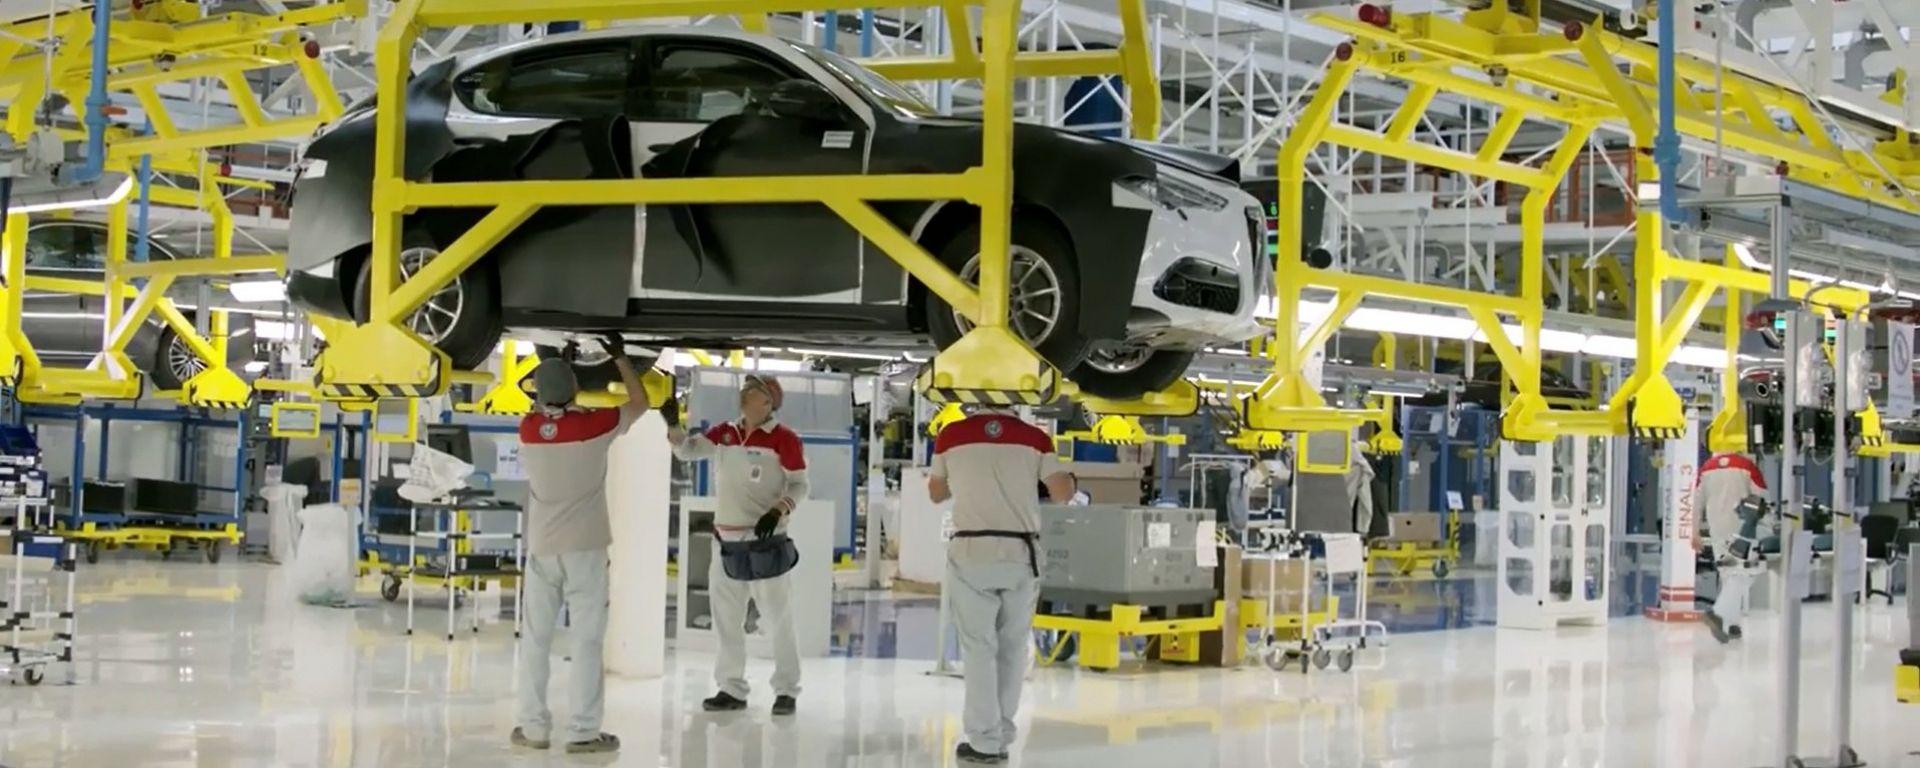 Alfa Romeo Stelvio nella fabbrica di Cassino